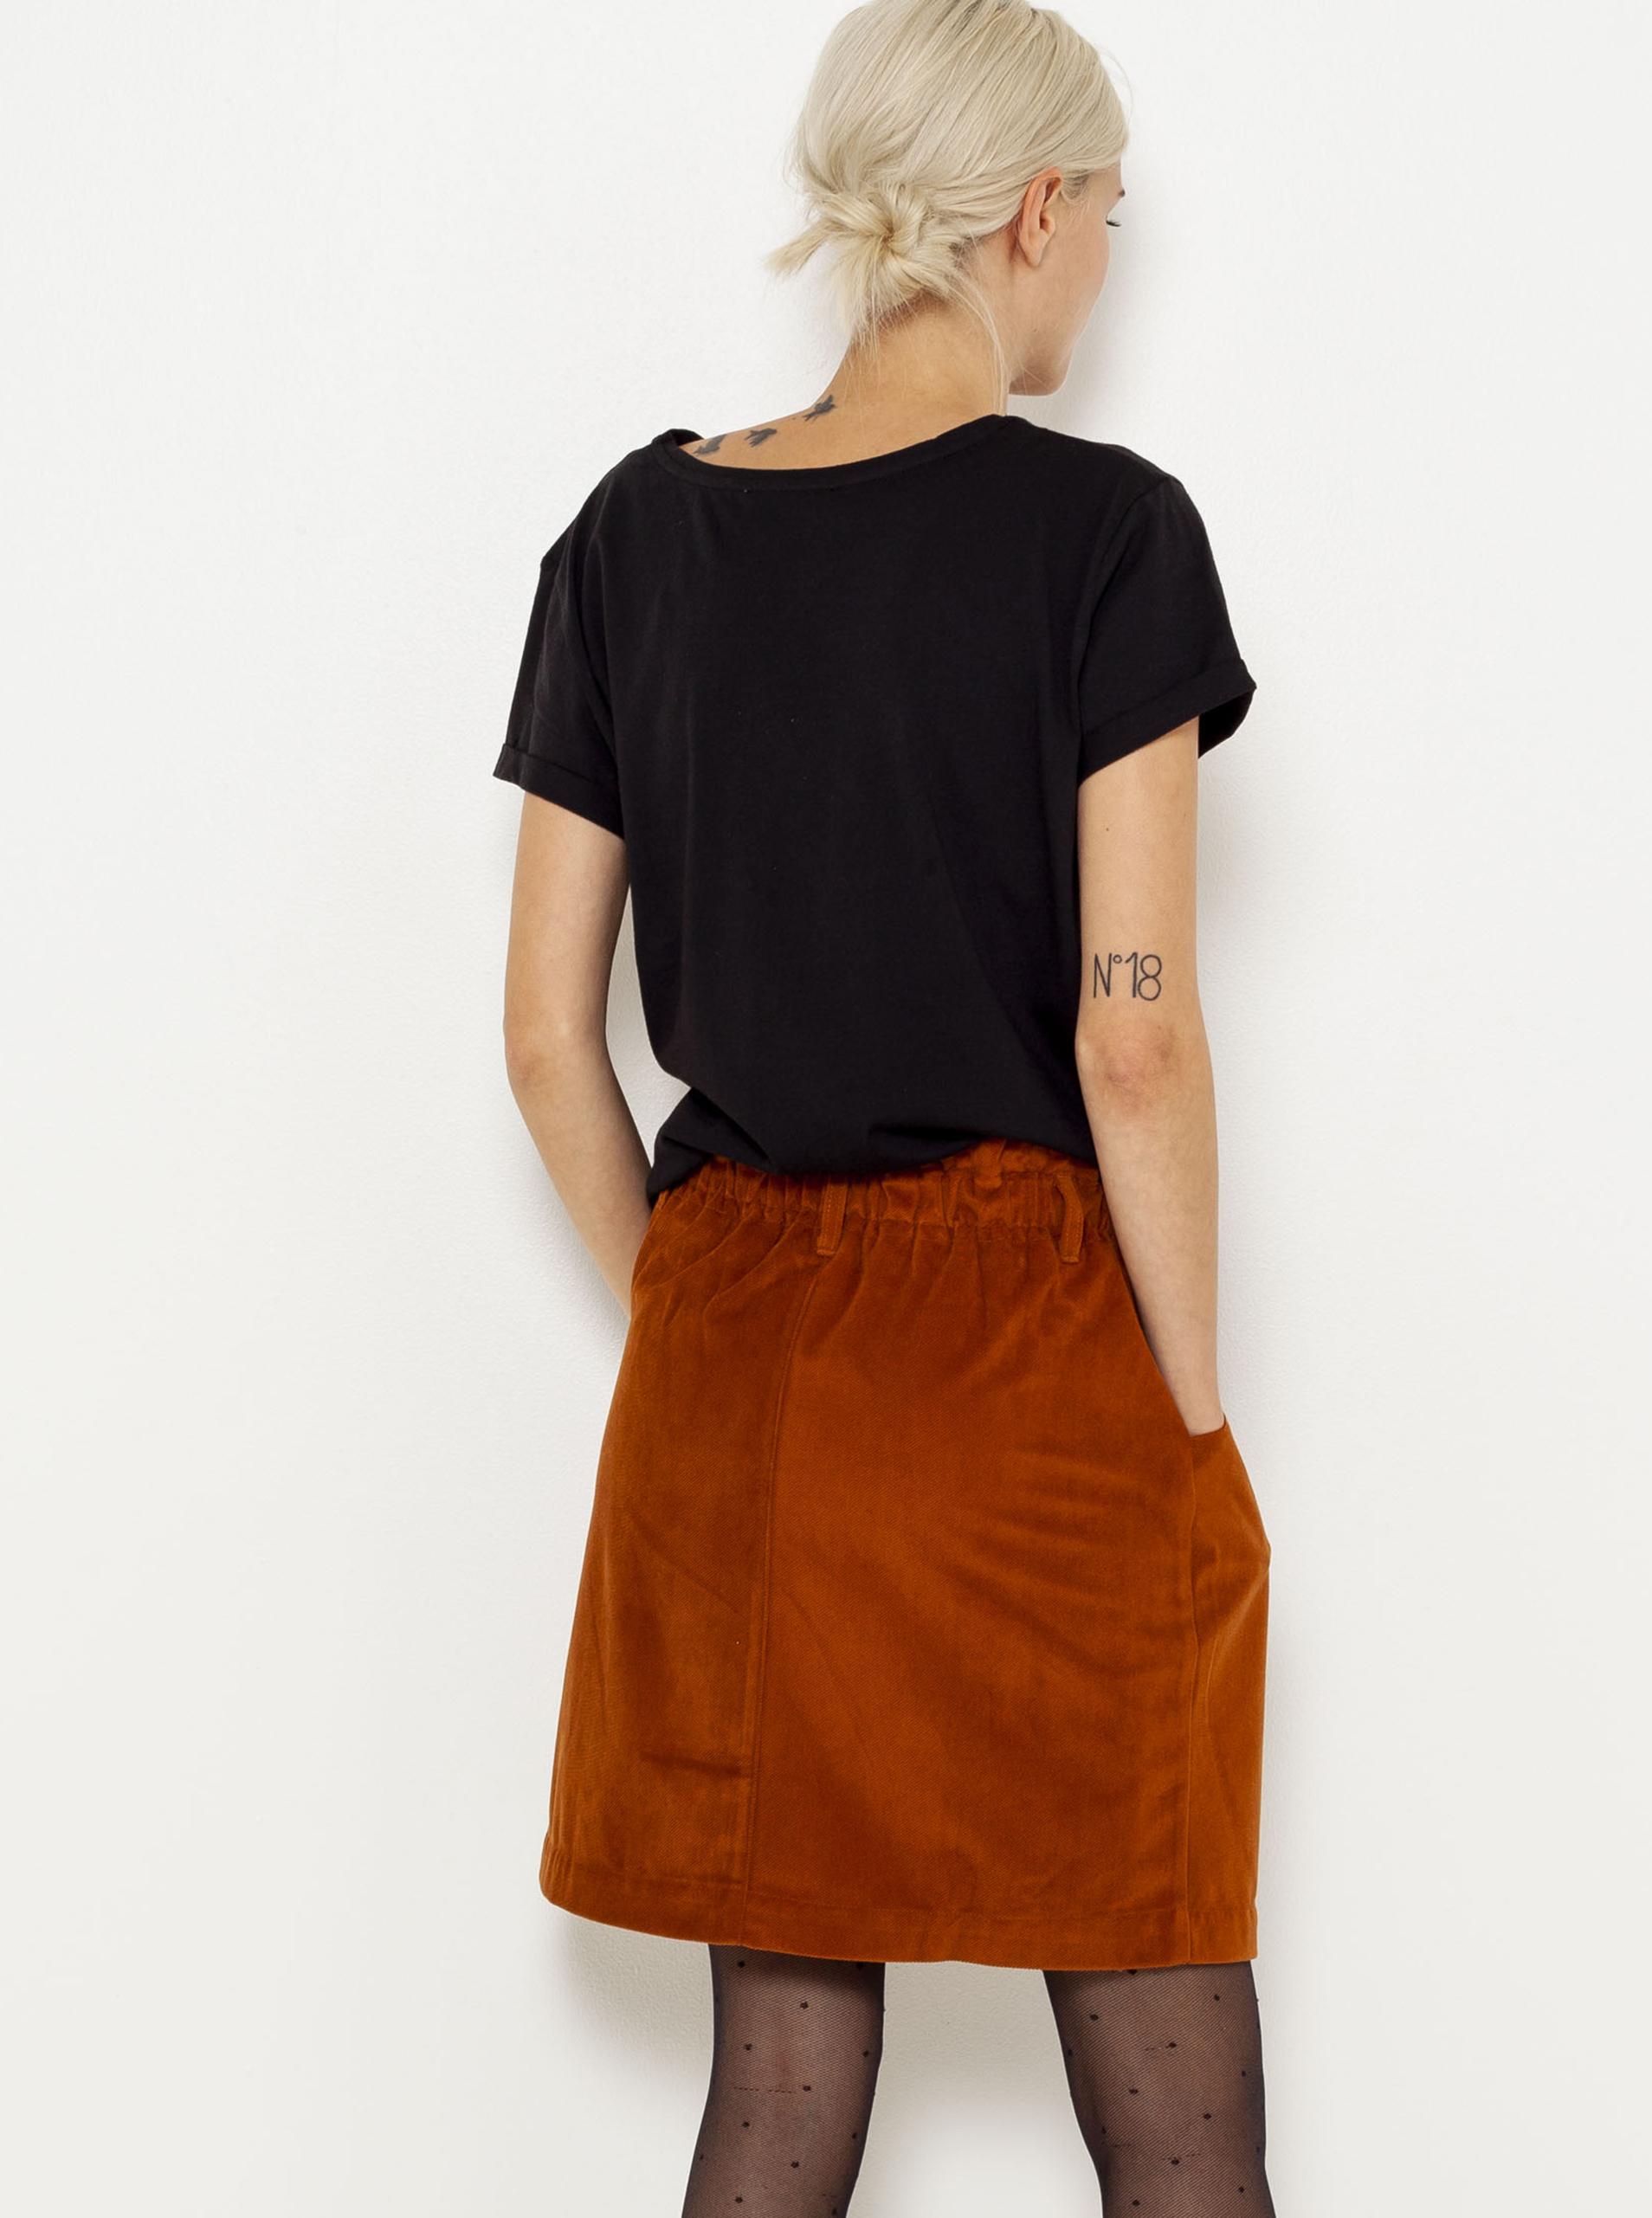 CAMAIEU black women´s T-shirt with print